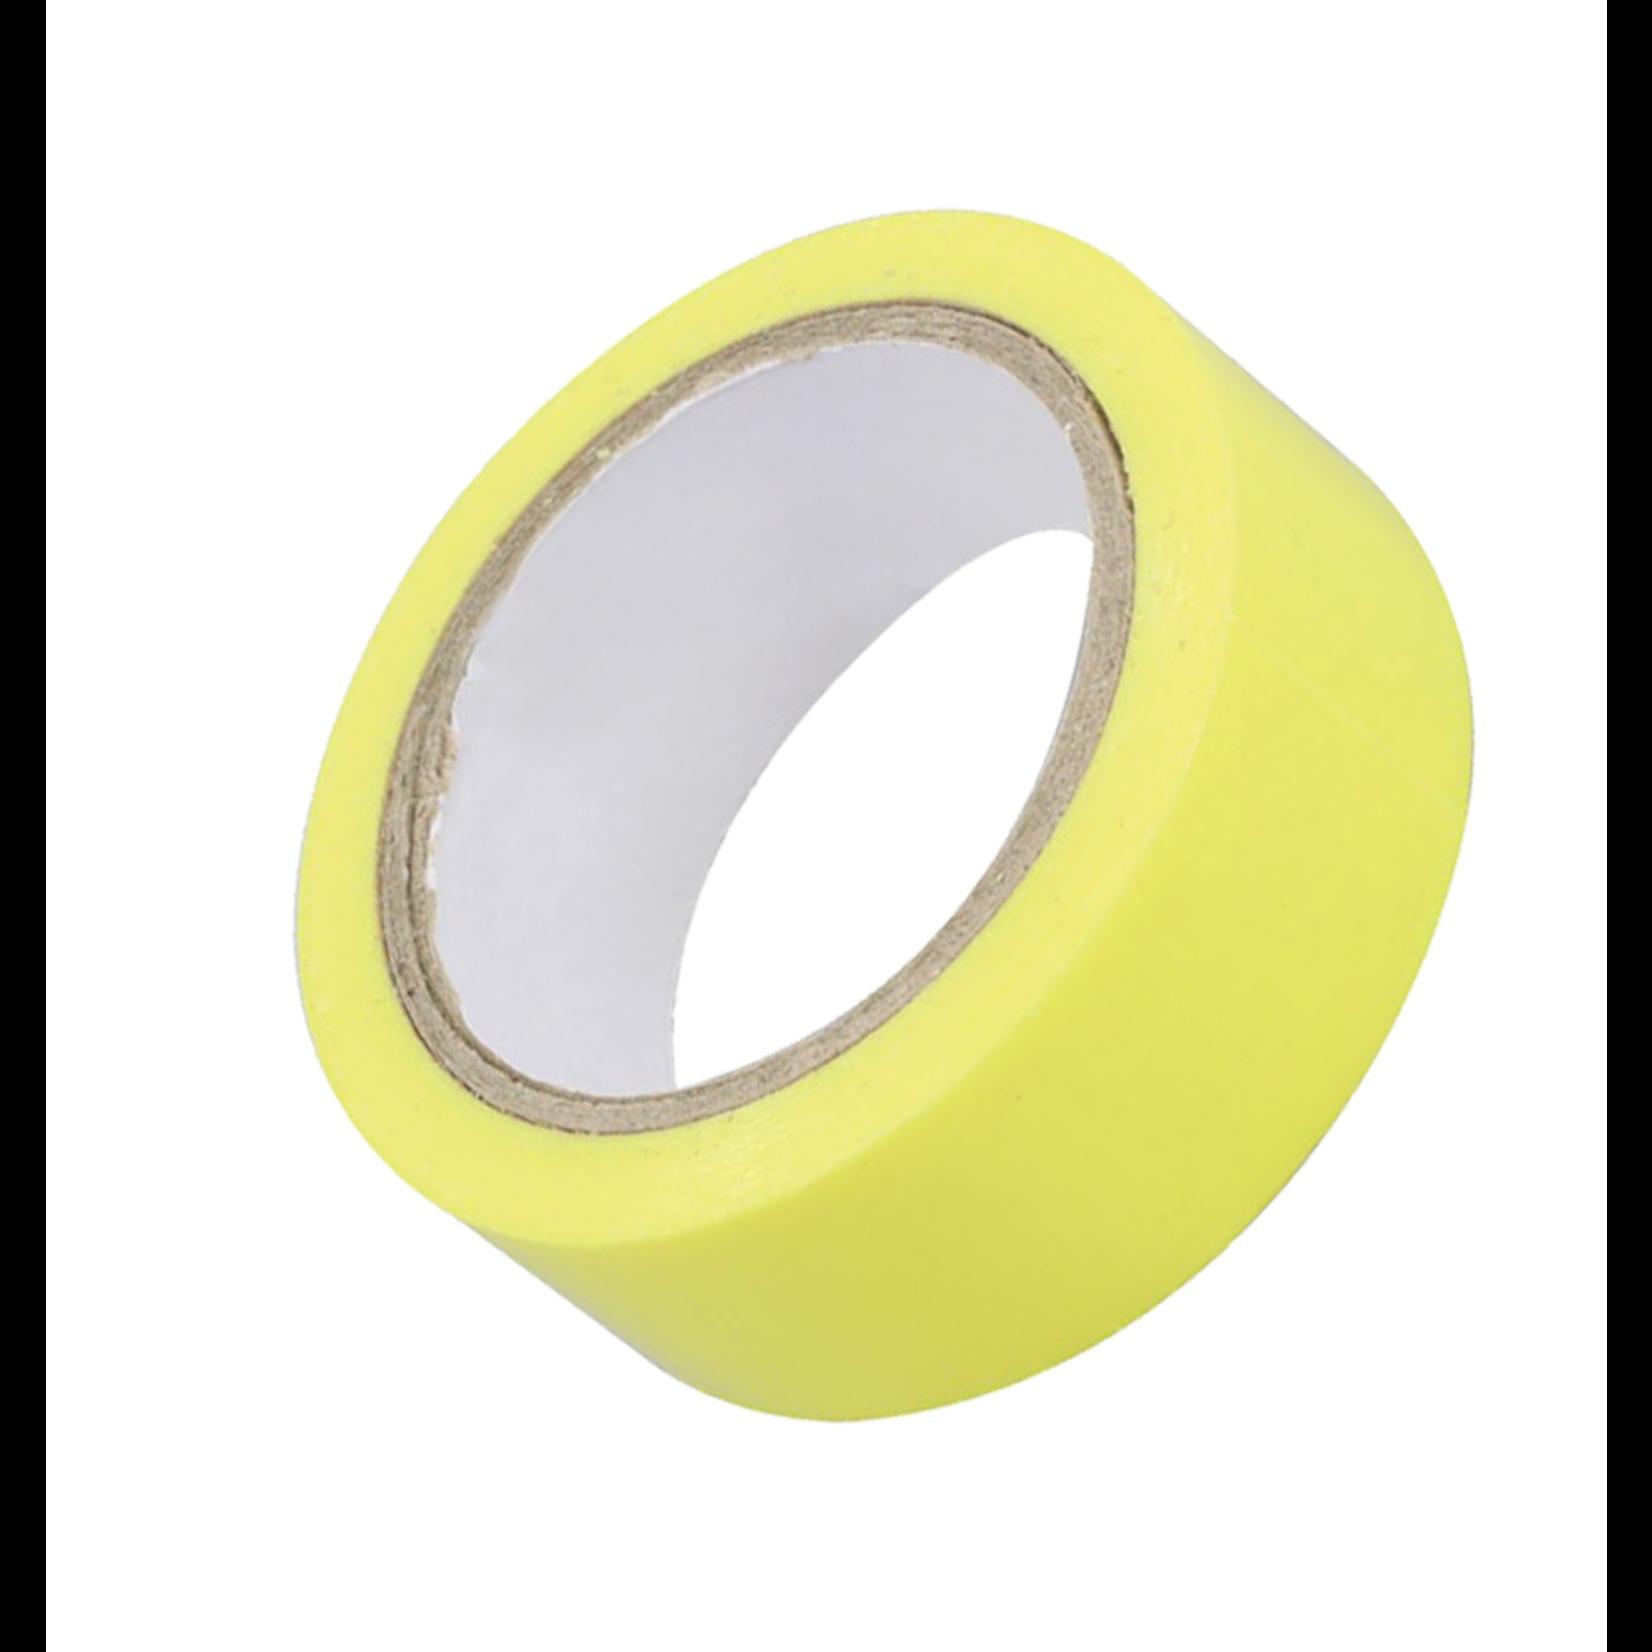 SERFAS Tubeless Rim Tape 25mm